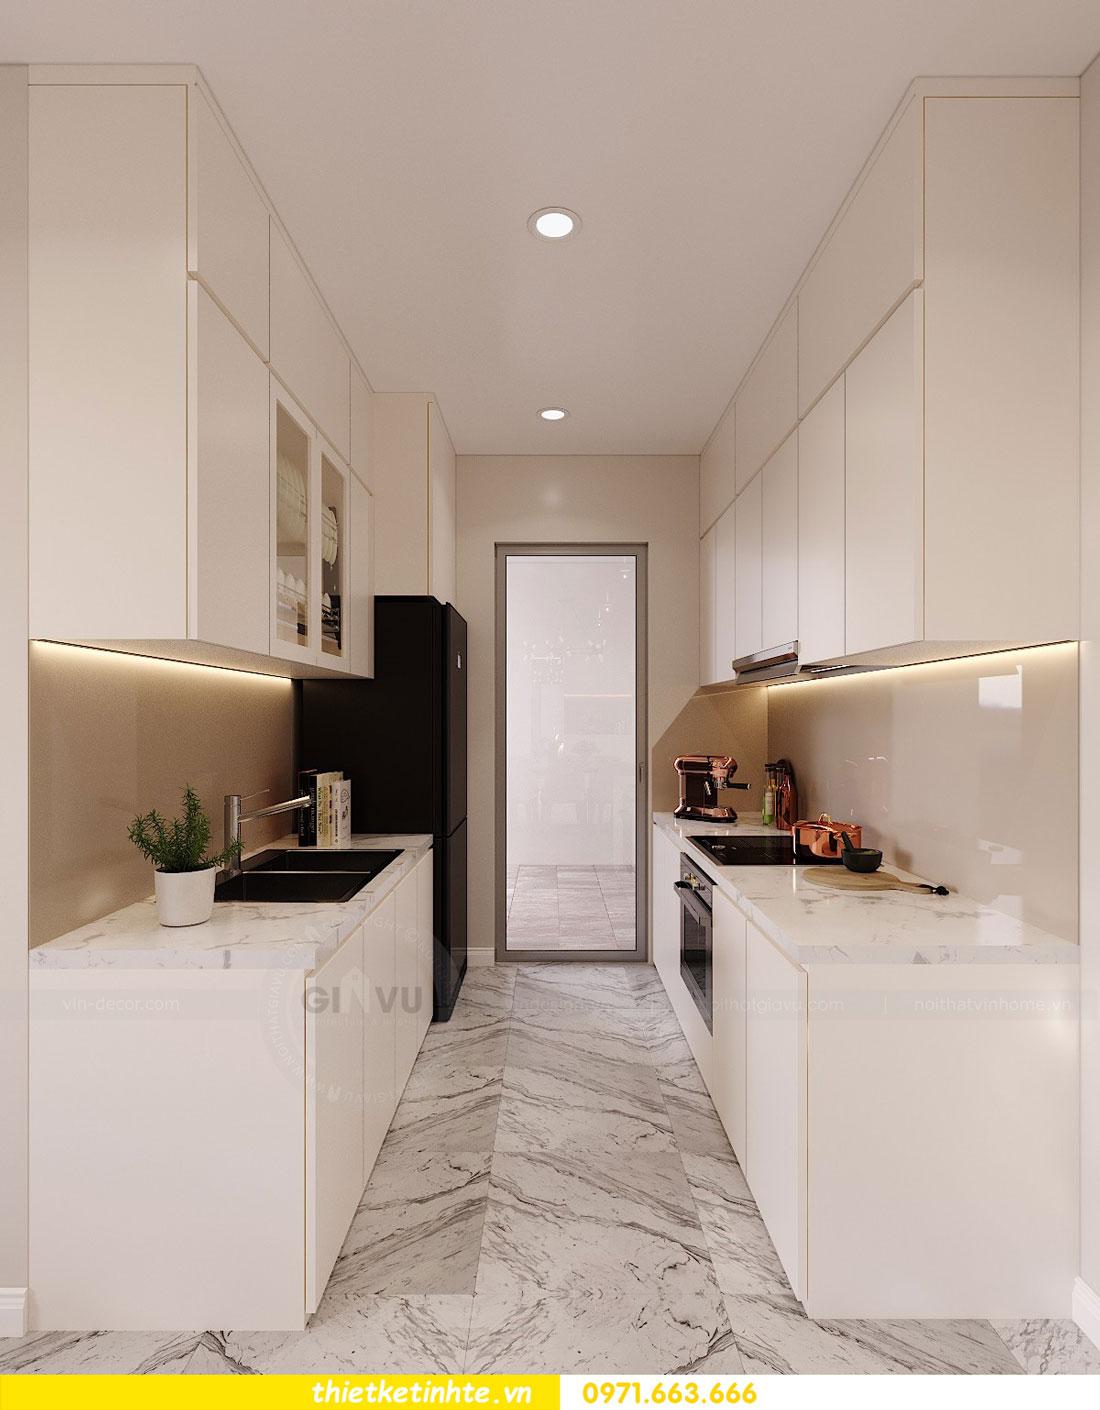 nội thất chung cư theo phong cách hiện đại nhà anh Kiên 05